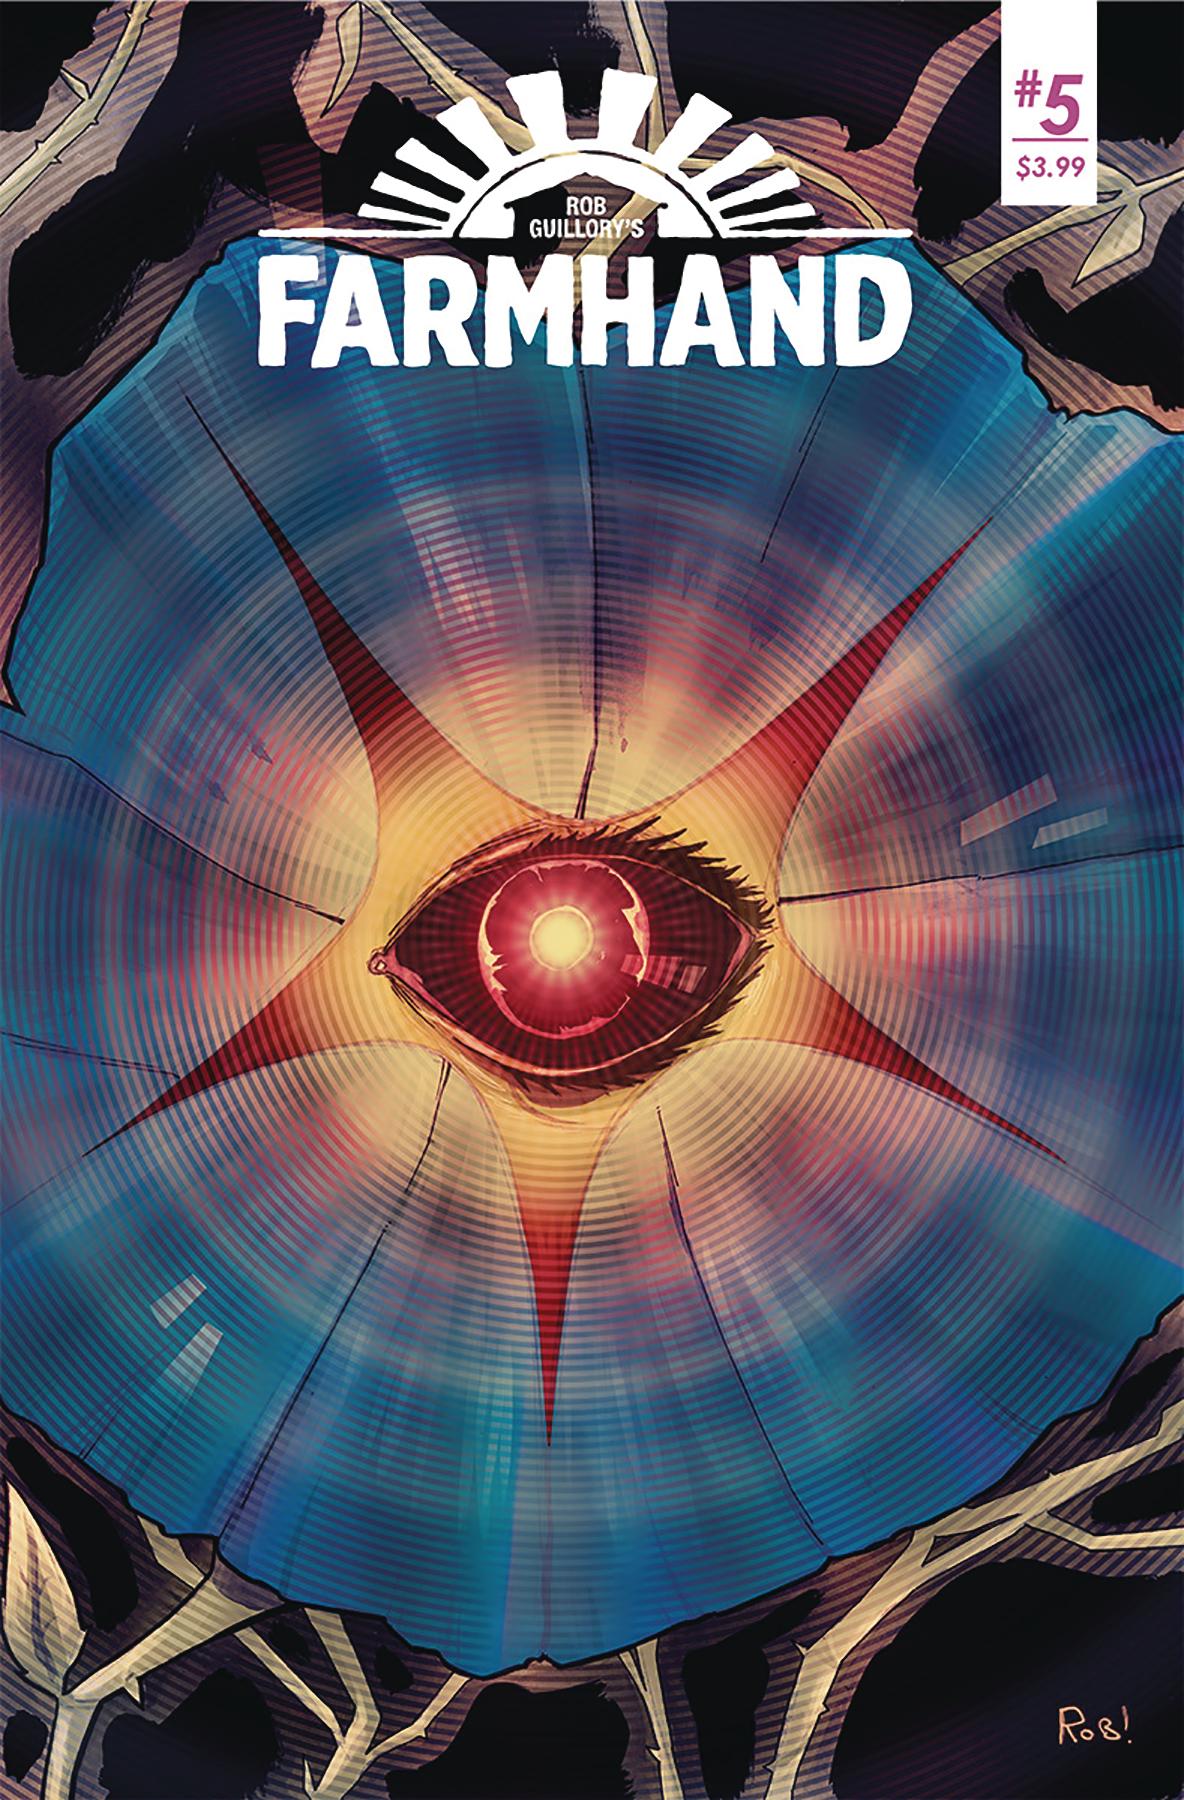 FARMHAND #5 (MR)